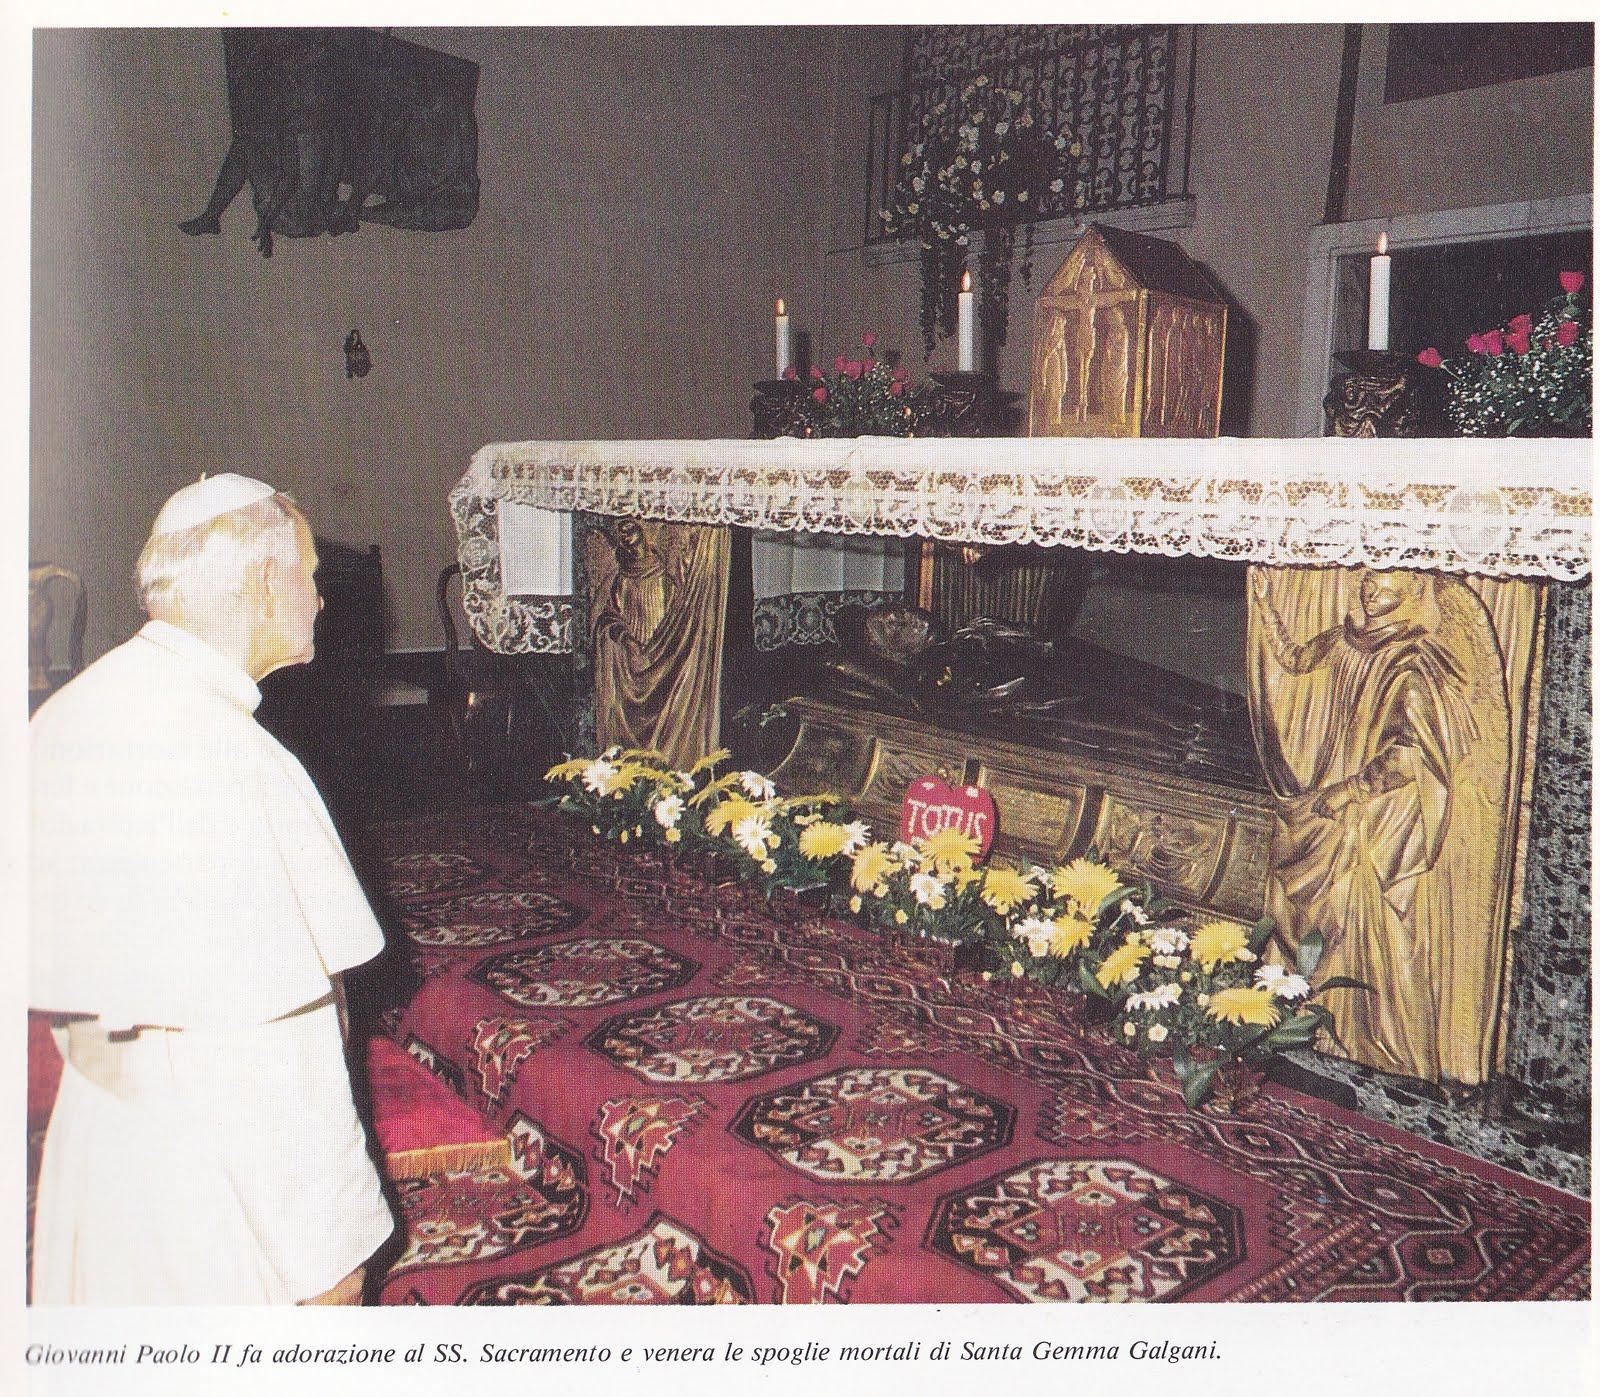 Giovanni-Paolo-II-adorazione-al-SS.-Sacramento